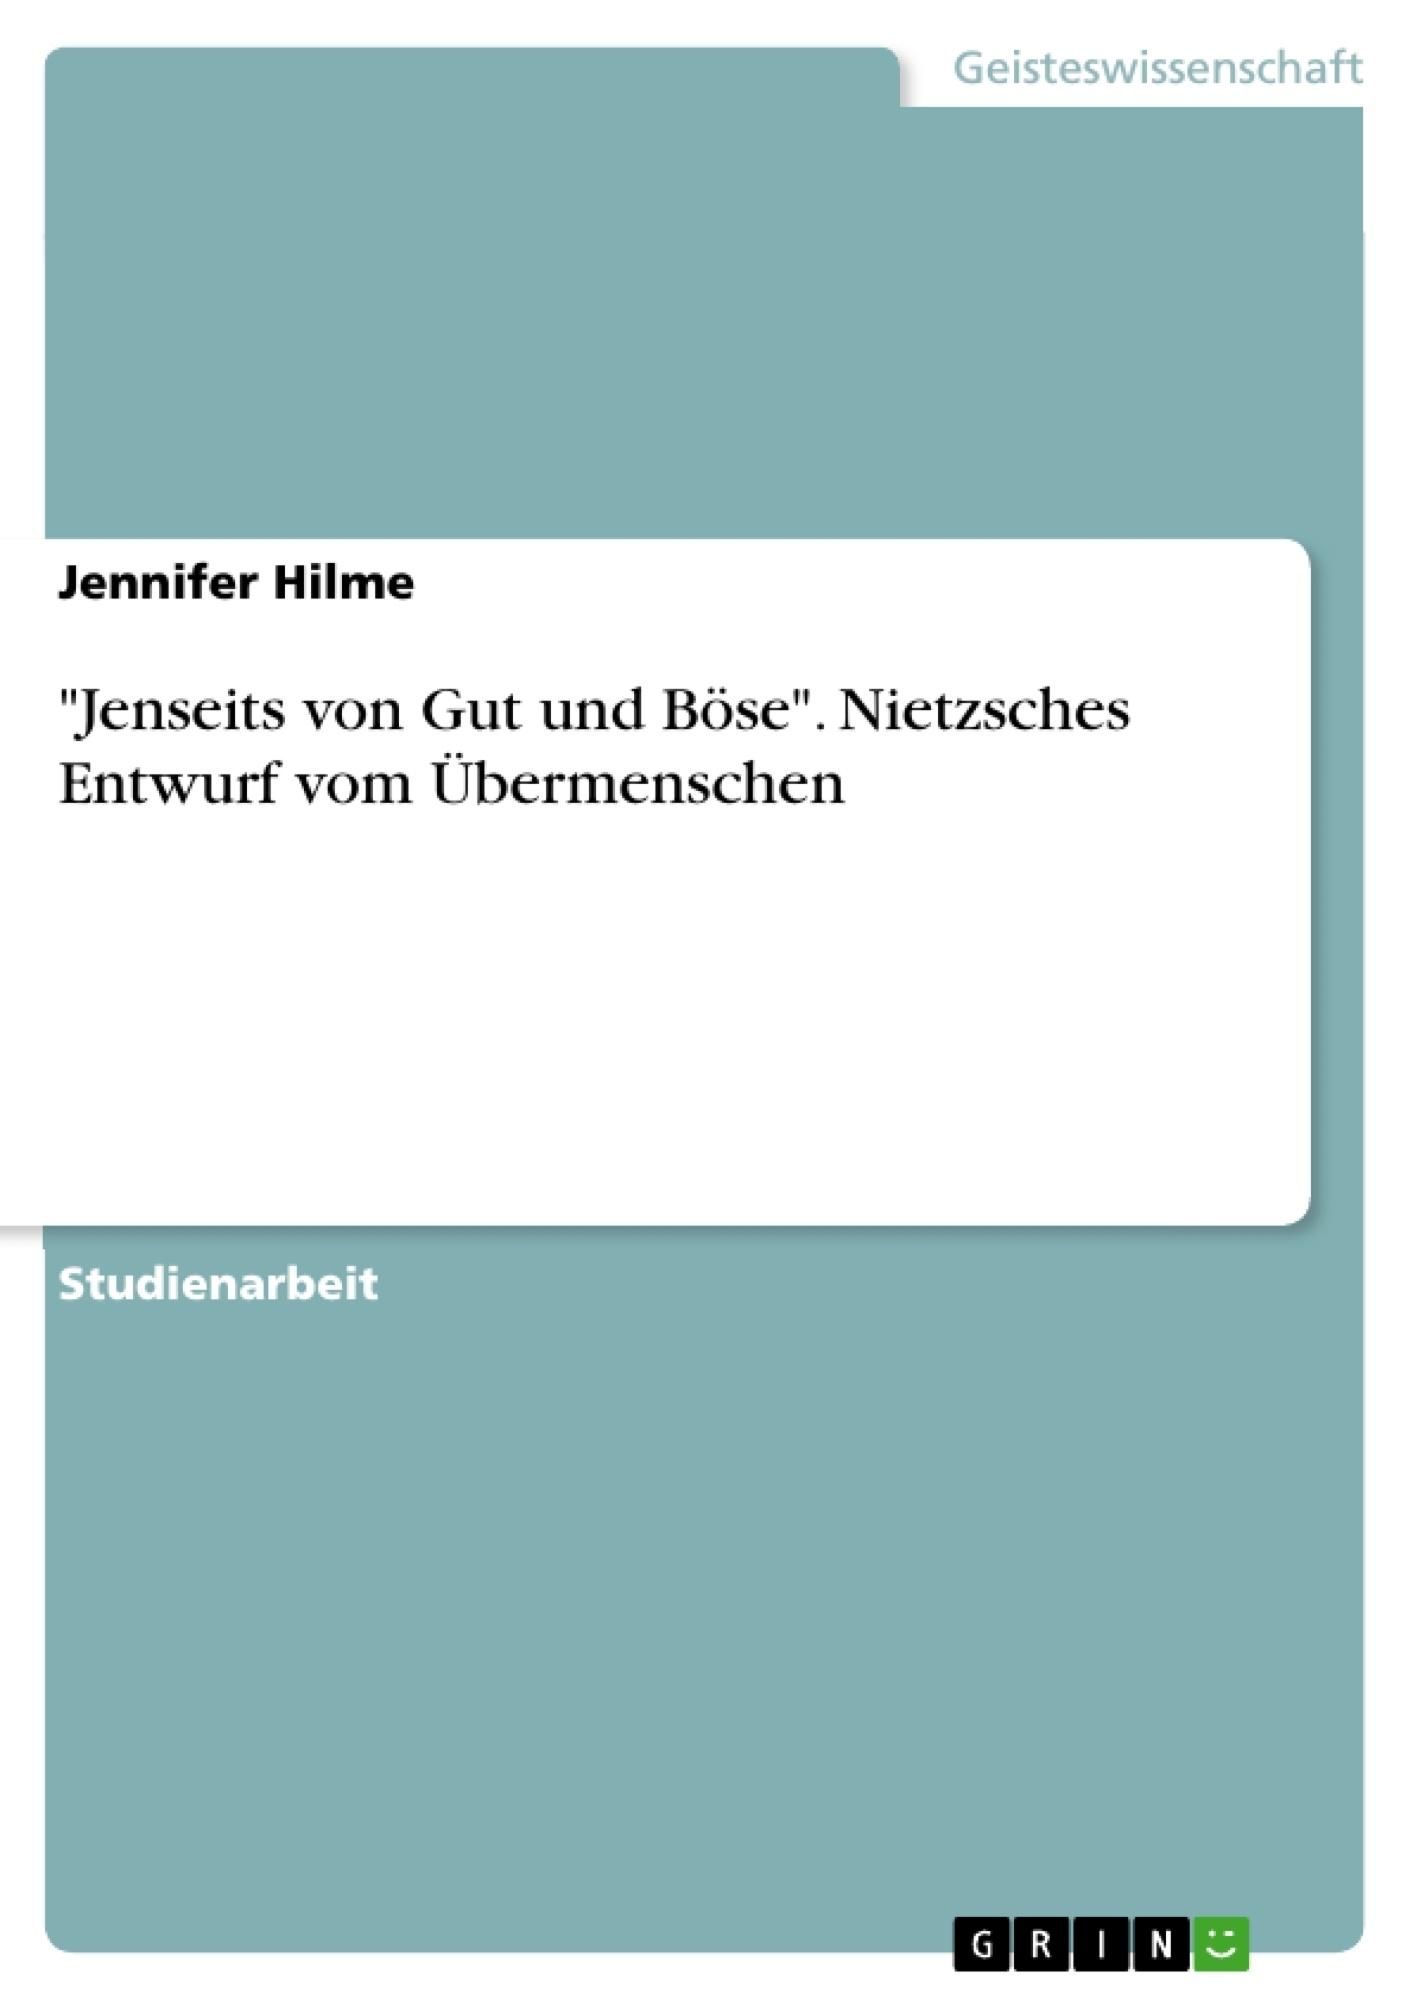 """Titel: """"Jenseits von Gut und Böse"""". Nietzsches Entwurf vom Übermenschen"""